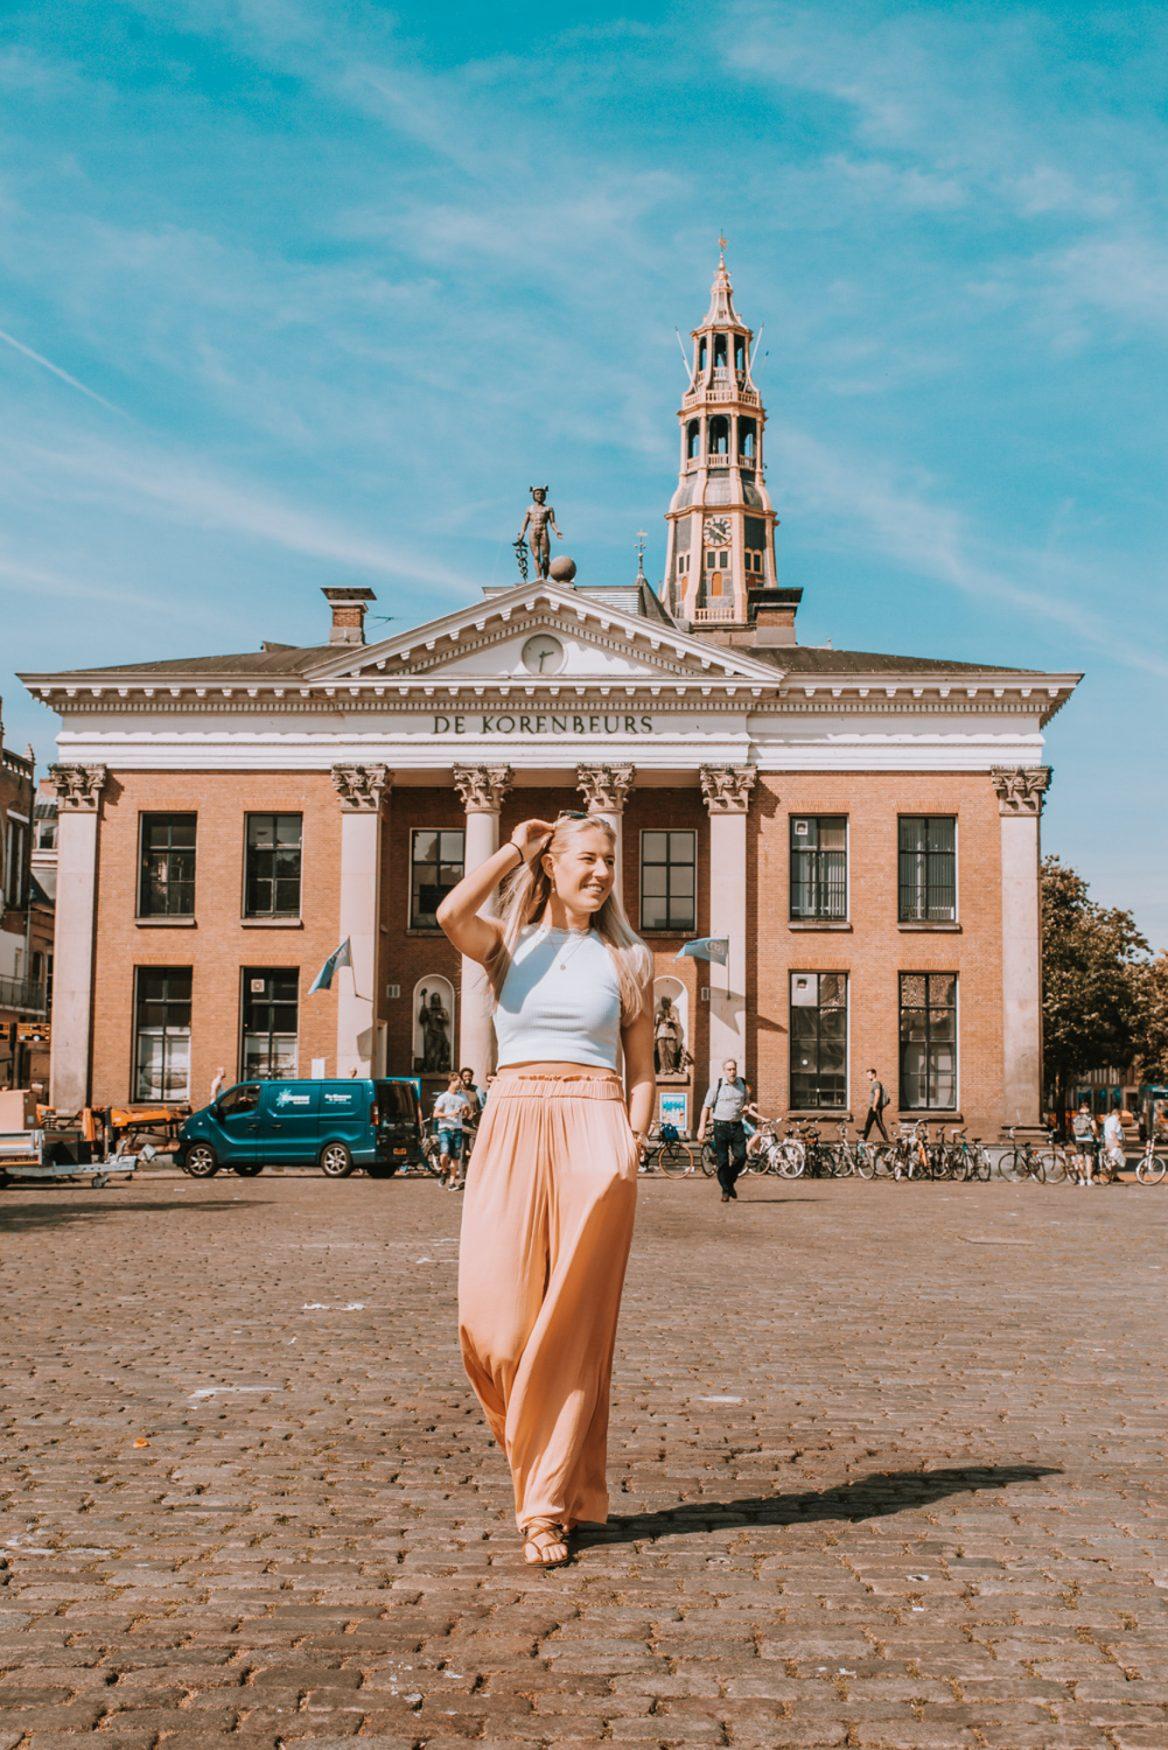 Instagram Citytour - Korenbeurs, Vismarkt Groningen